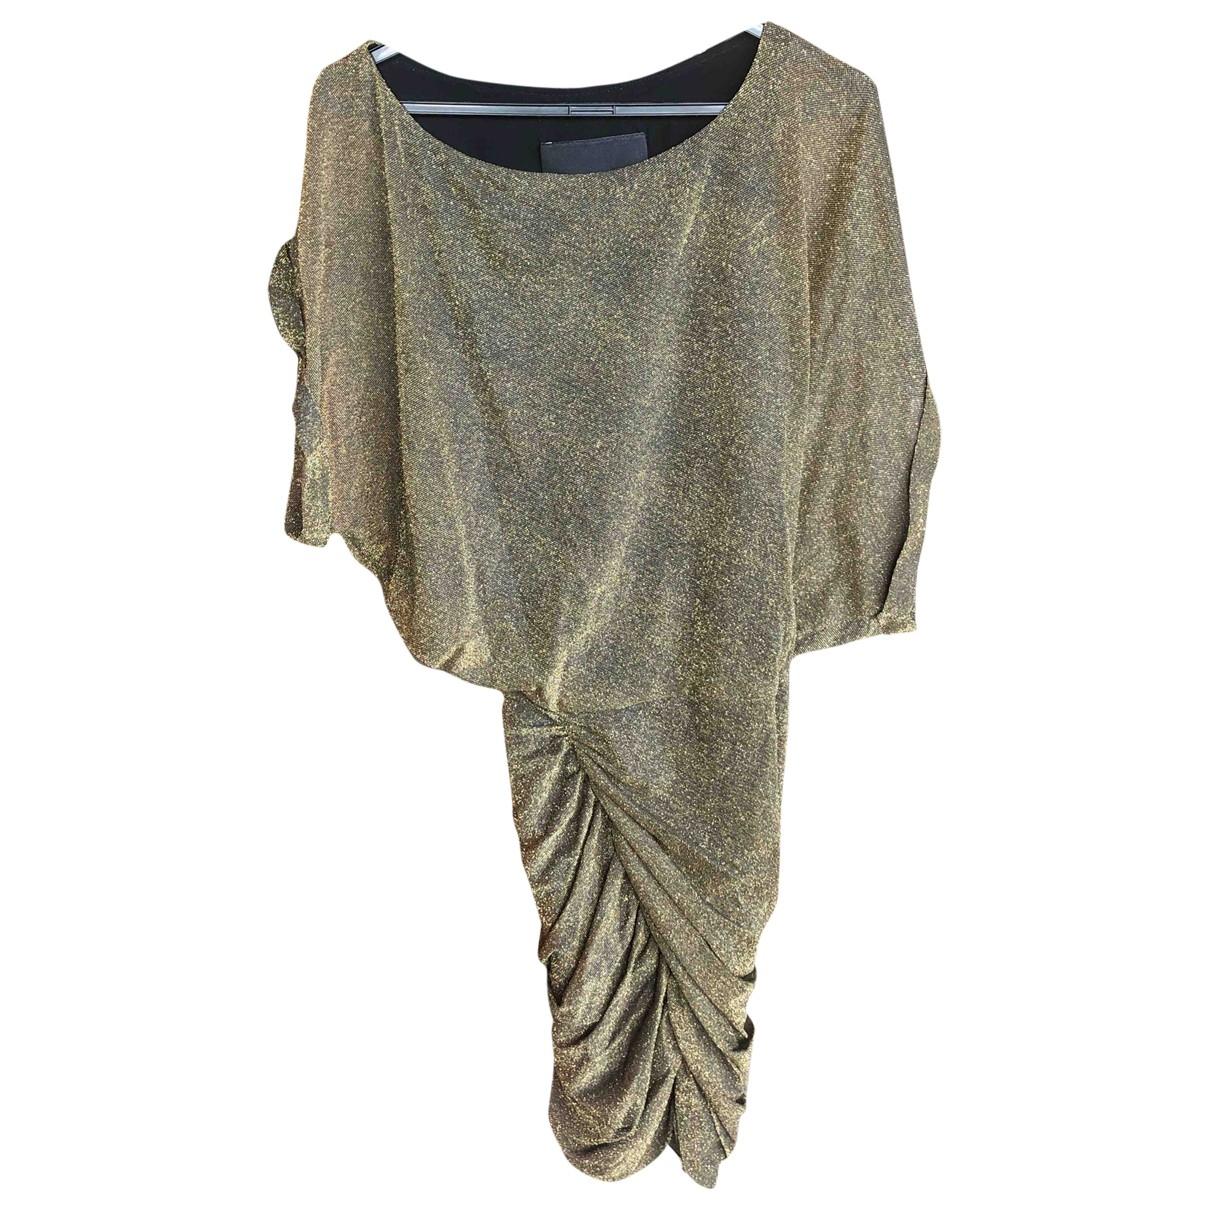 Jay Ahr \N Kleid in  Gold Mit Pailletten